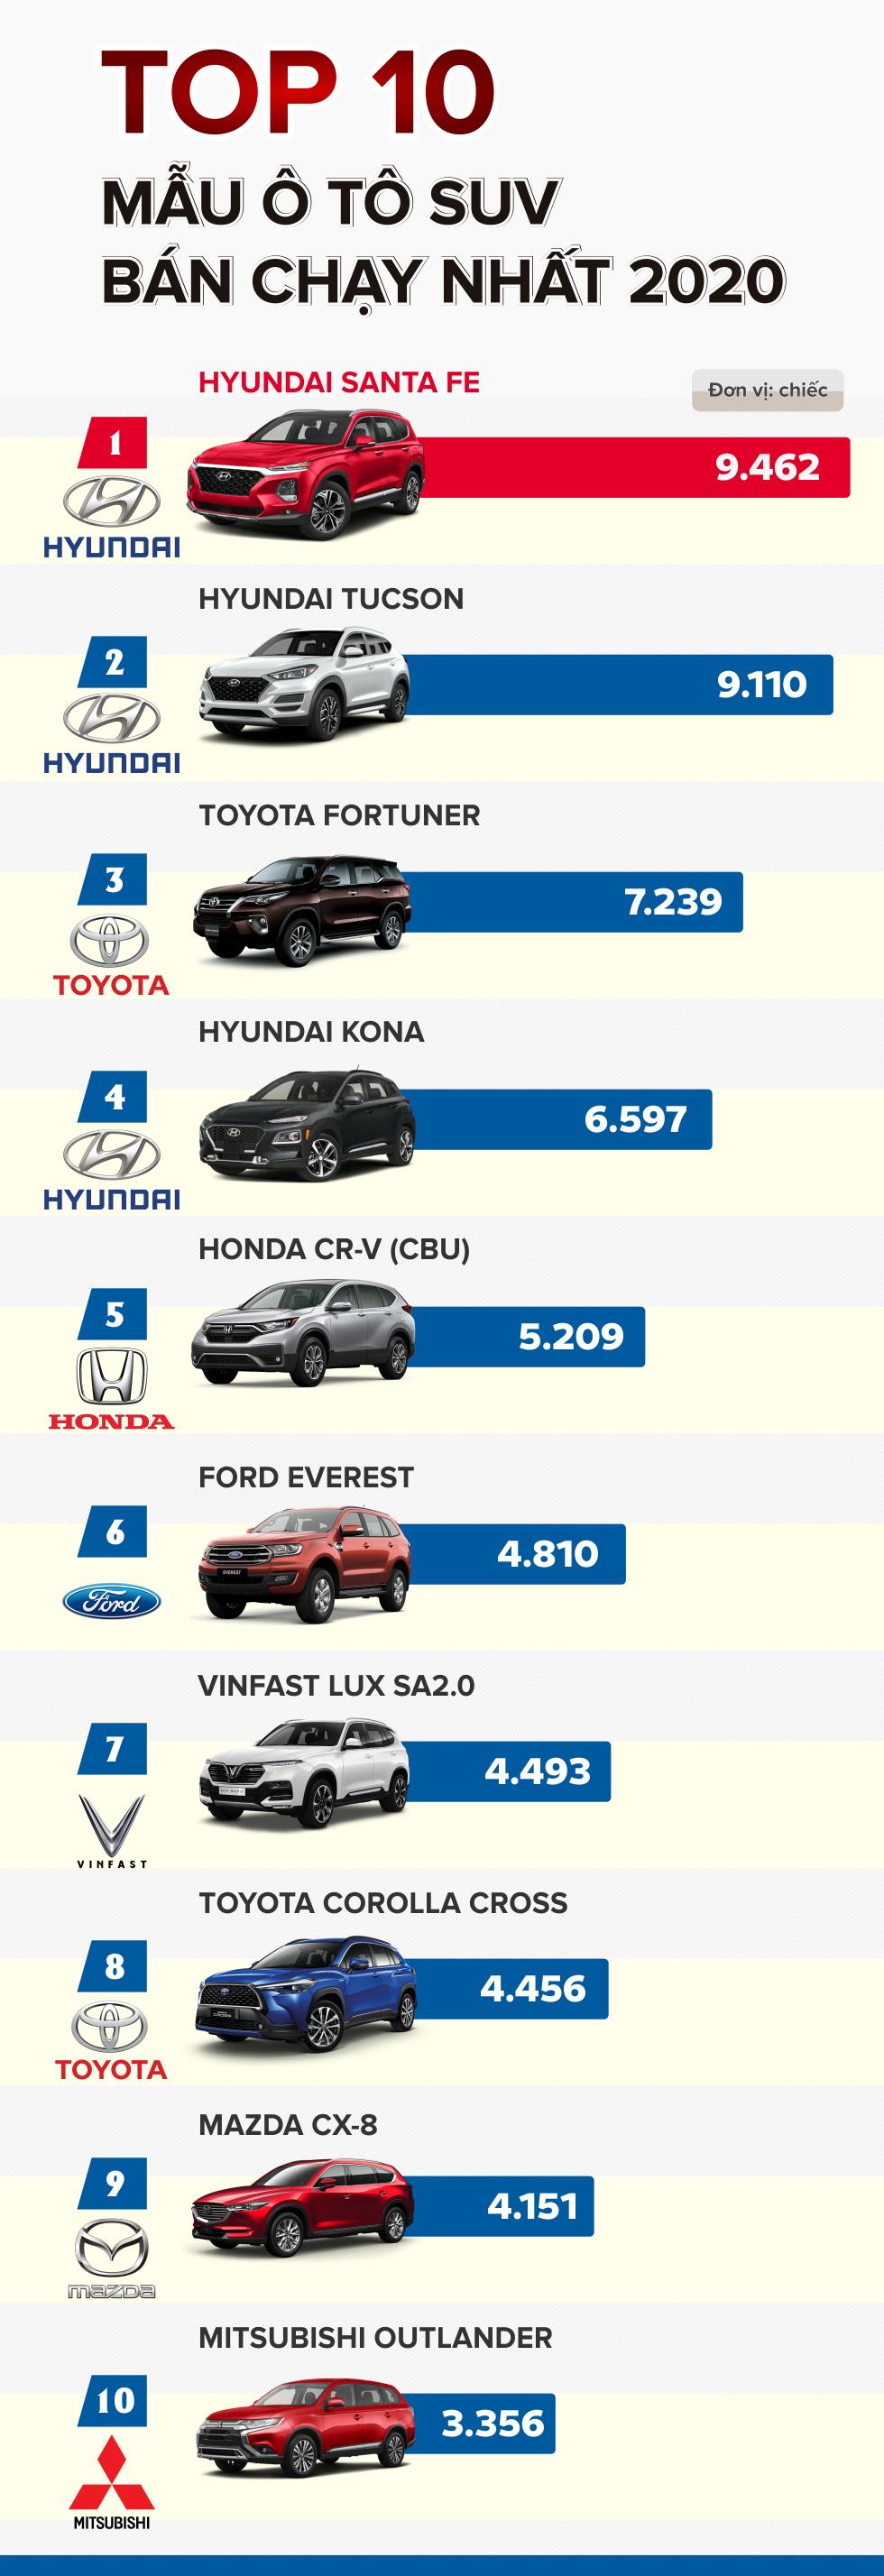 TOP 10 ô tô SUV bán chạy nhất 2020 - Ảnh 1.